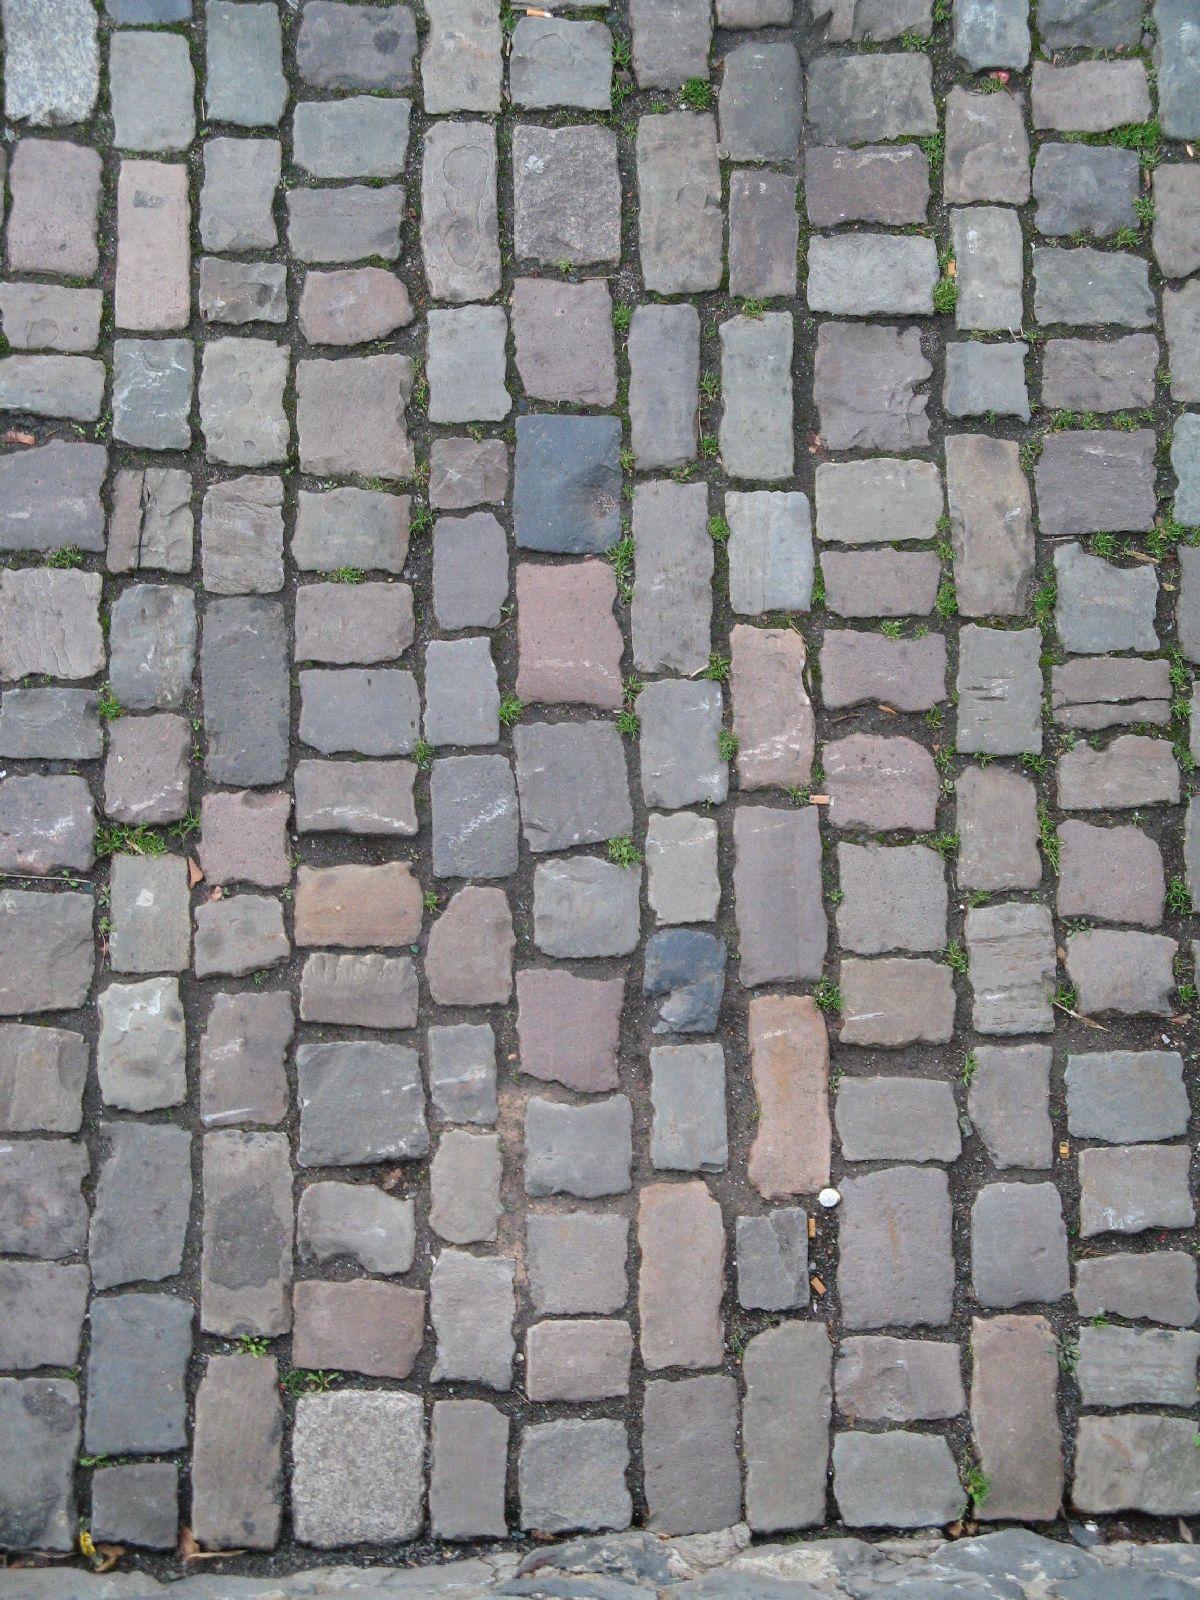 Boden-Gehweg-Strasse-Buergersteig-Textur_B_1128